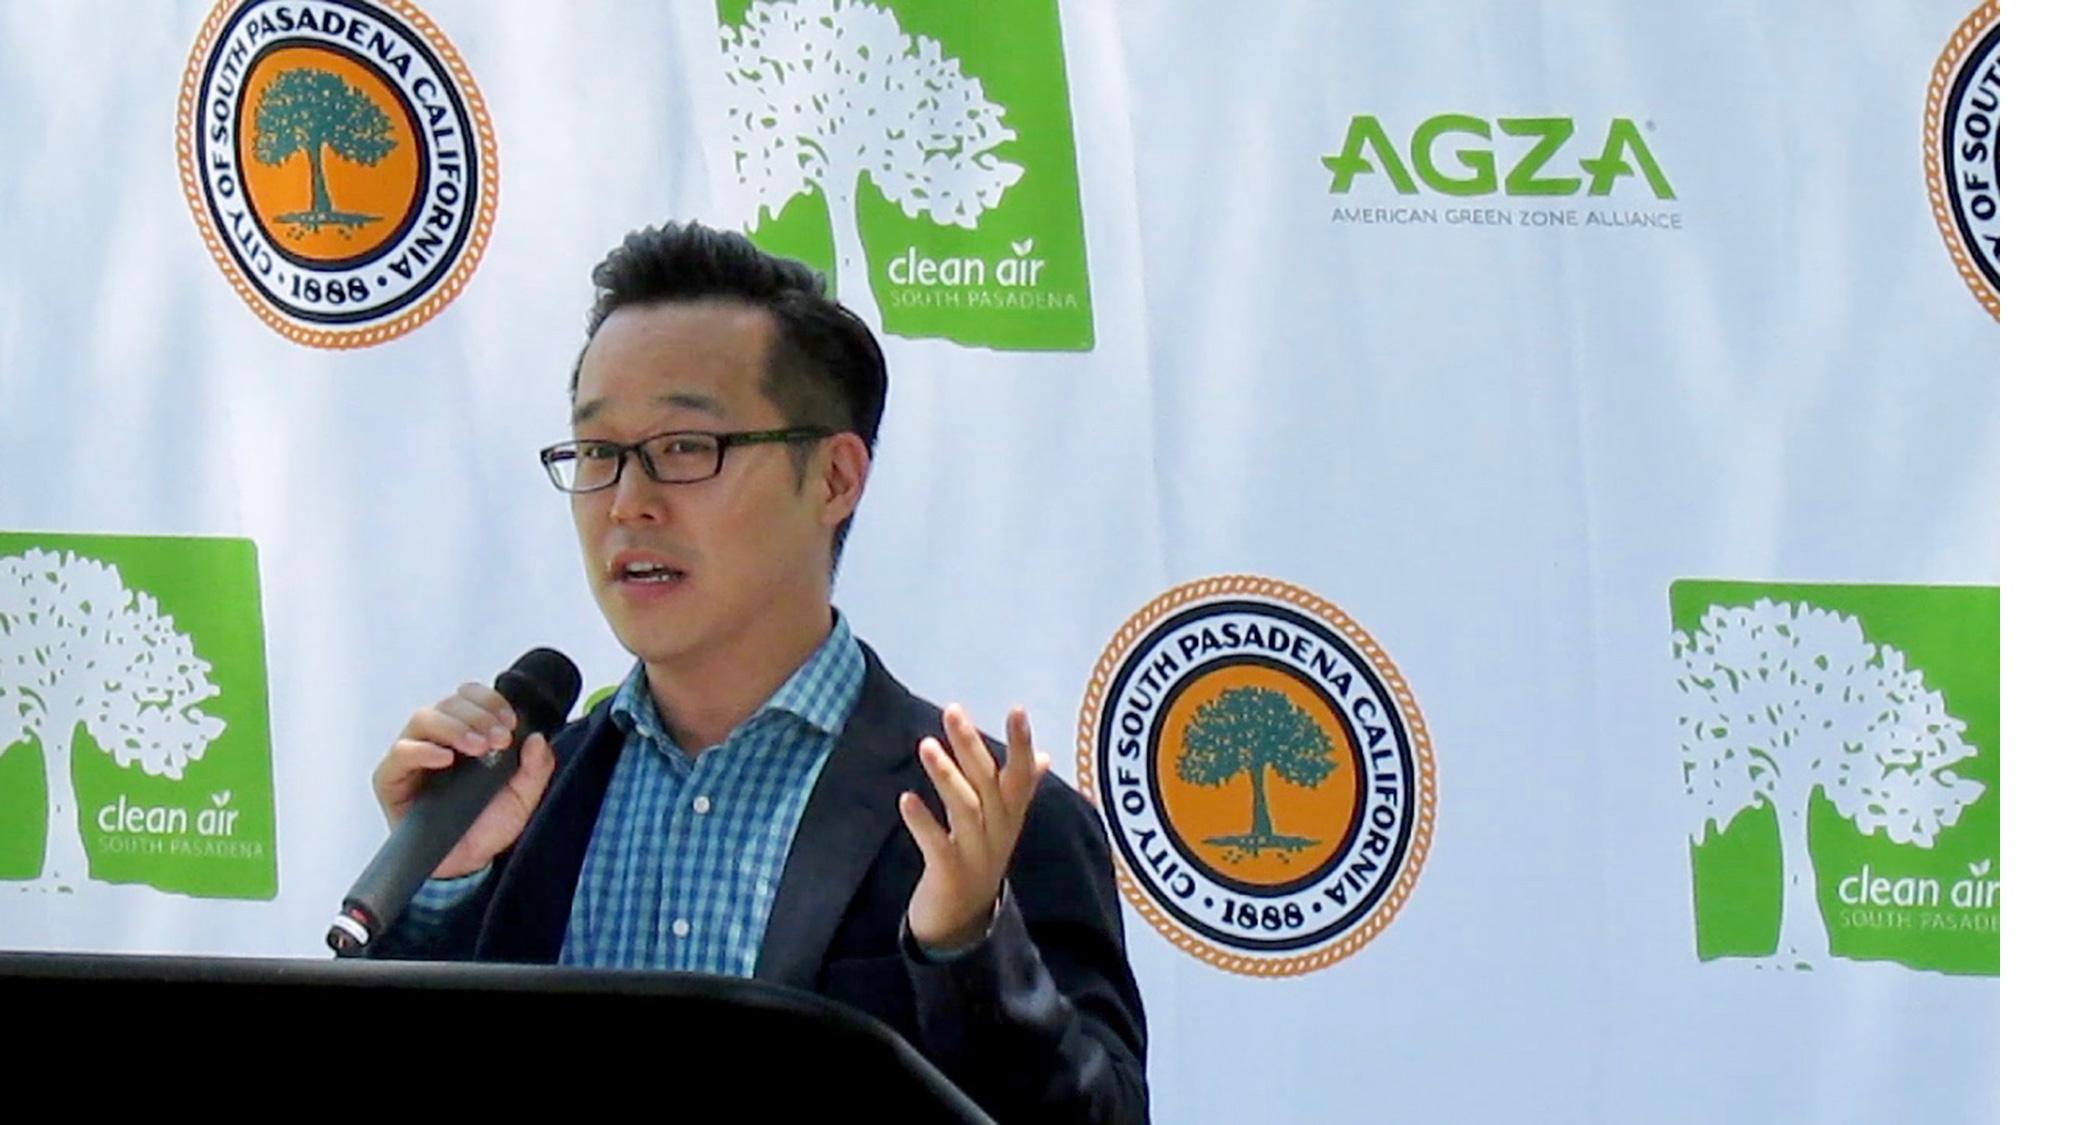 AGZA_GZ_ASGC_speaker_John-Yi_close_2000_margin.jpg